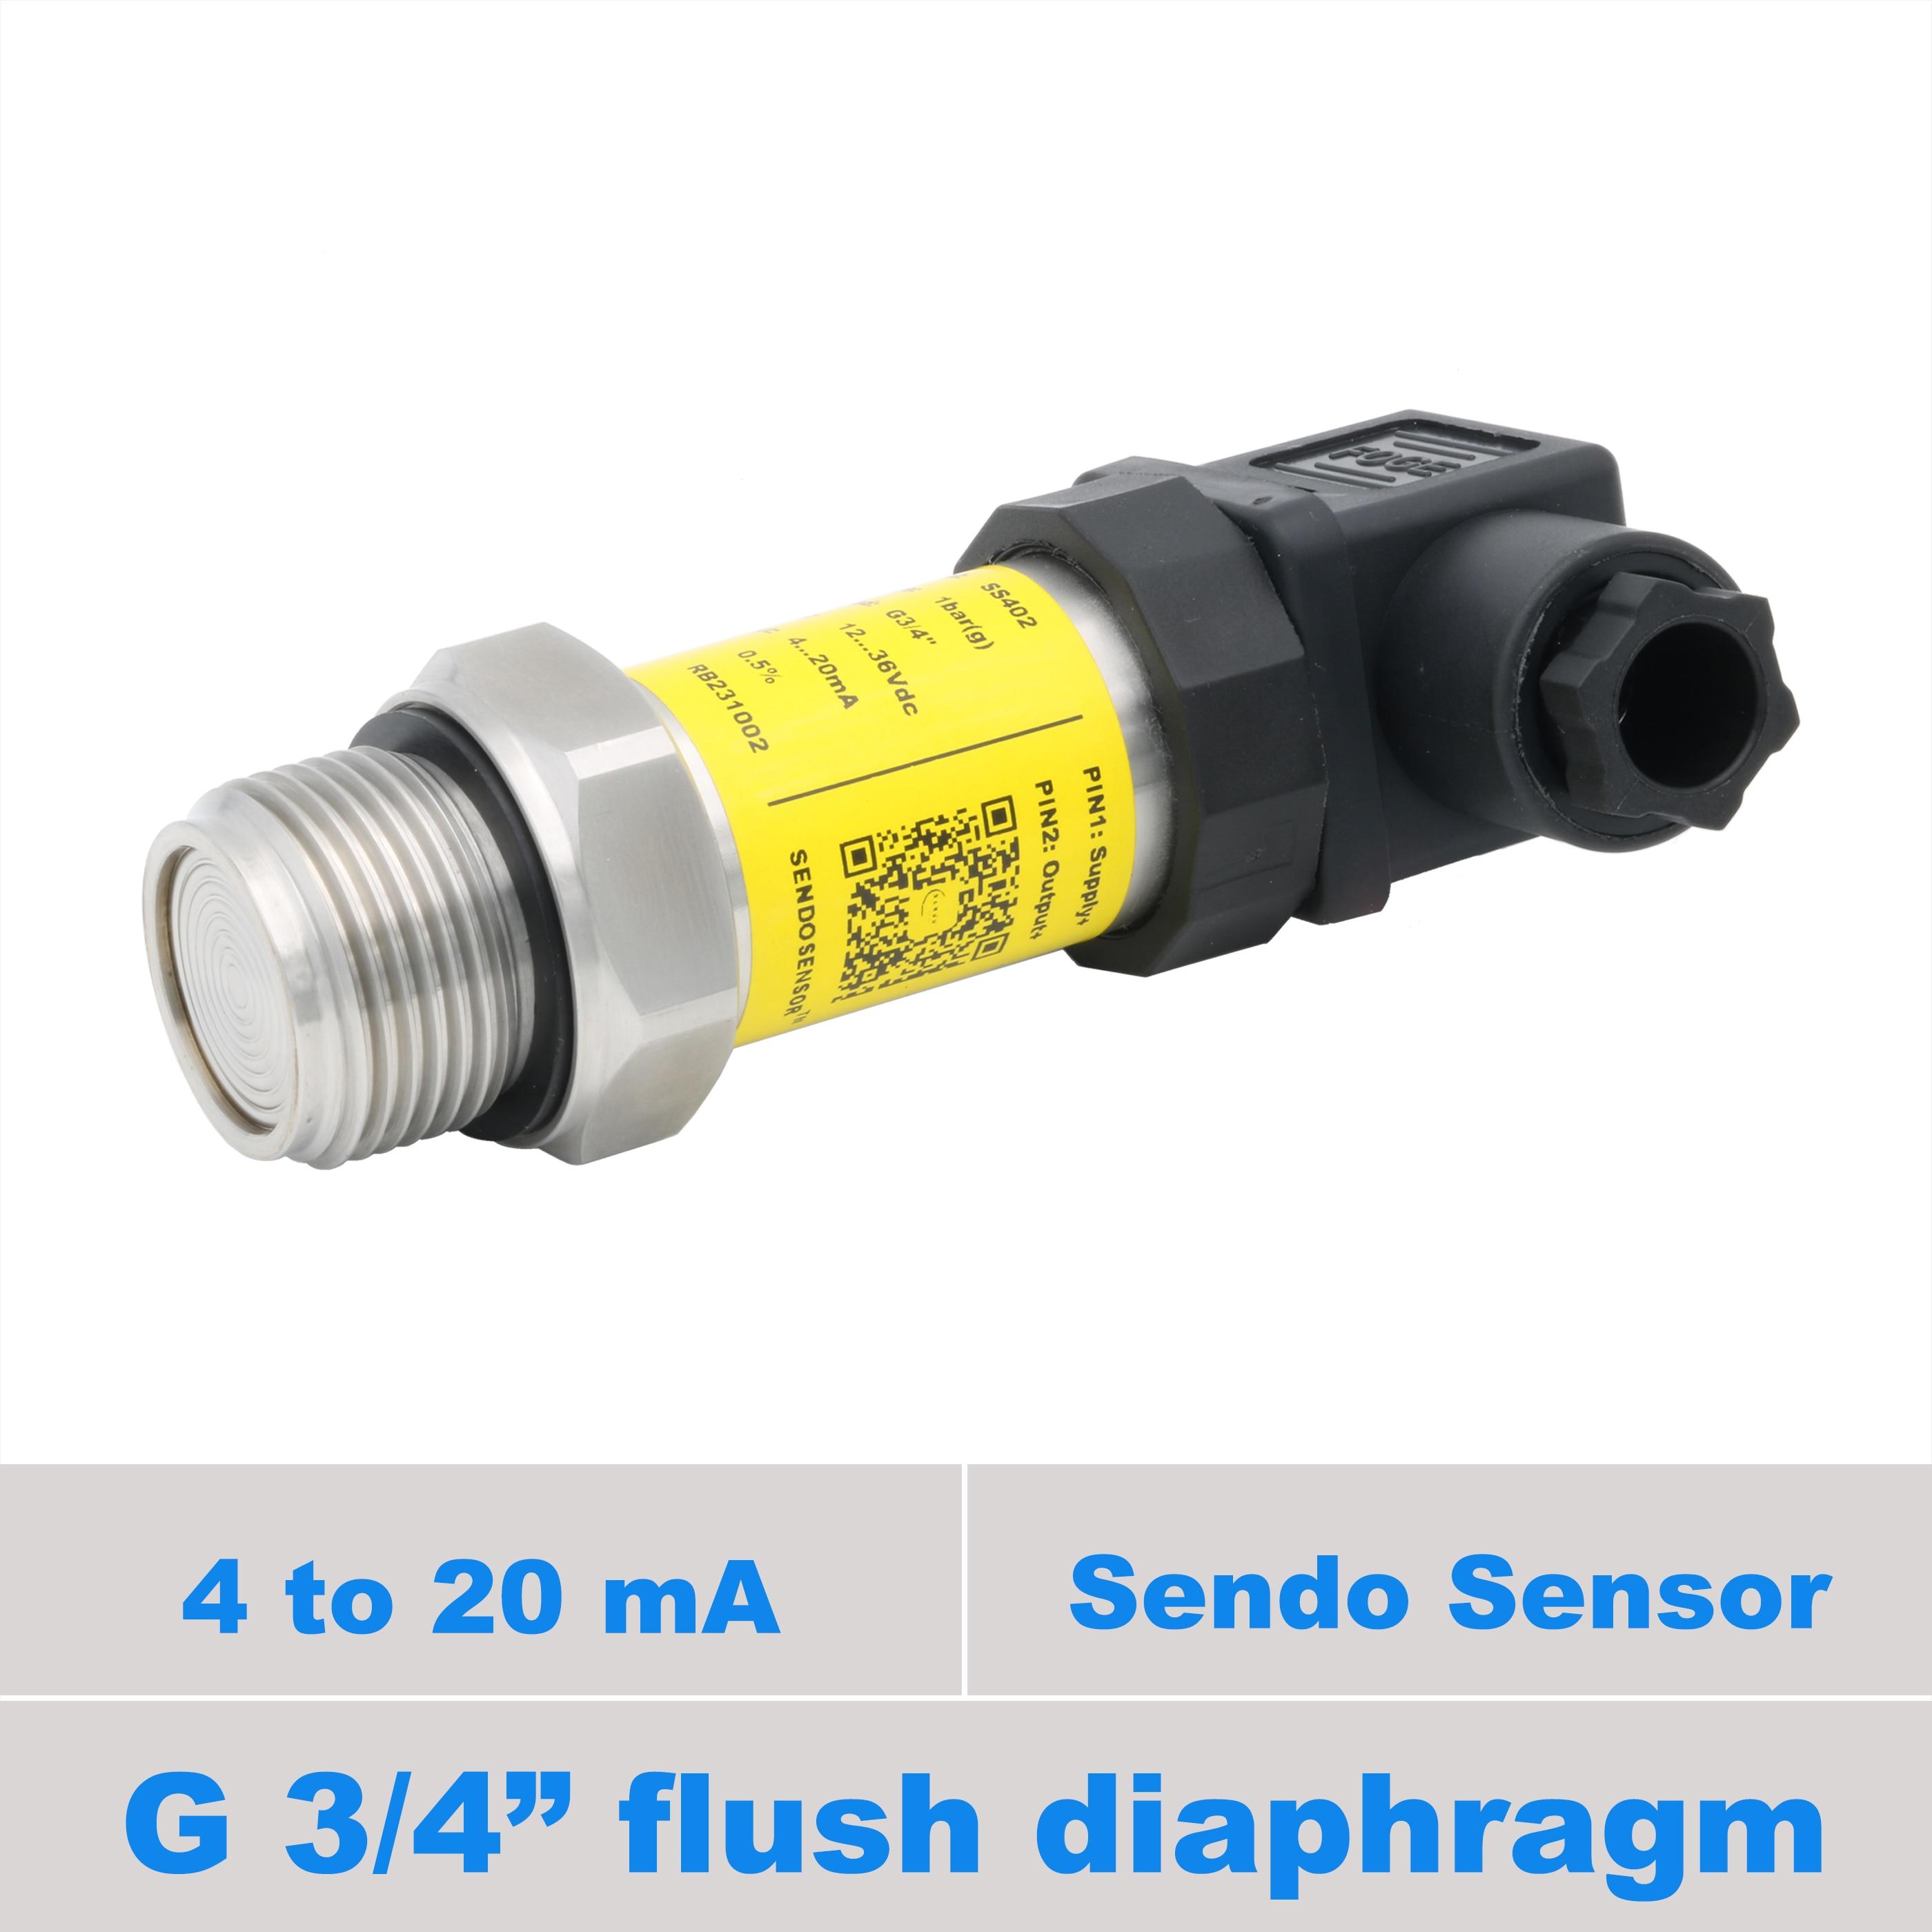 g 3 4 flush pressure sensor 4 20mA 1 to 24bar 15bar 9bar 5bar 3bar 1